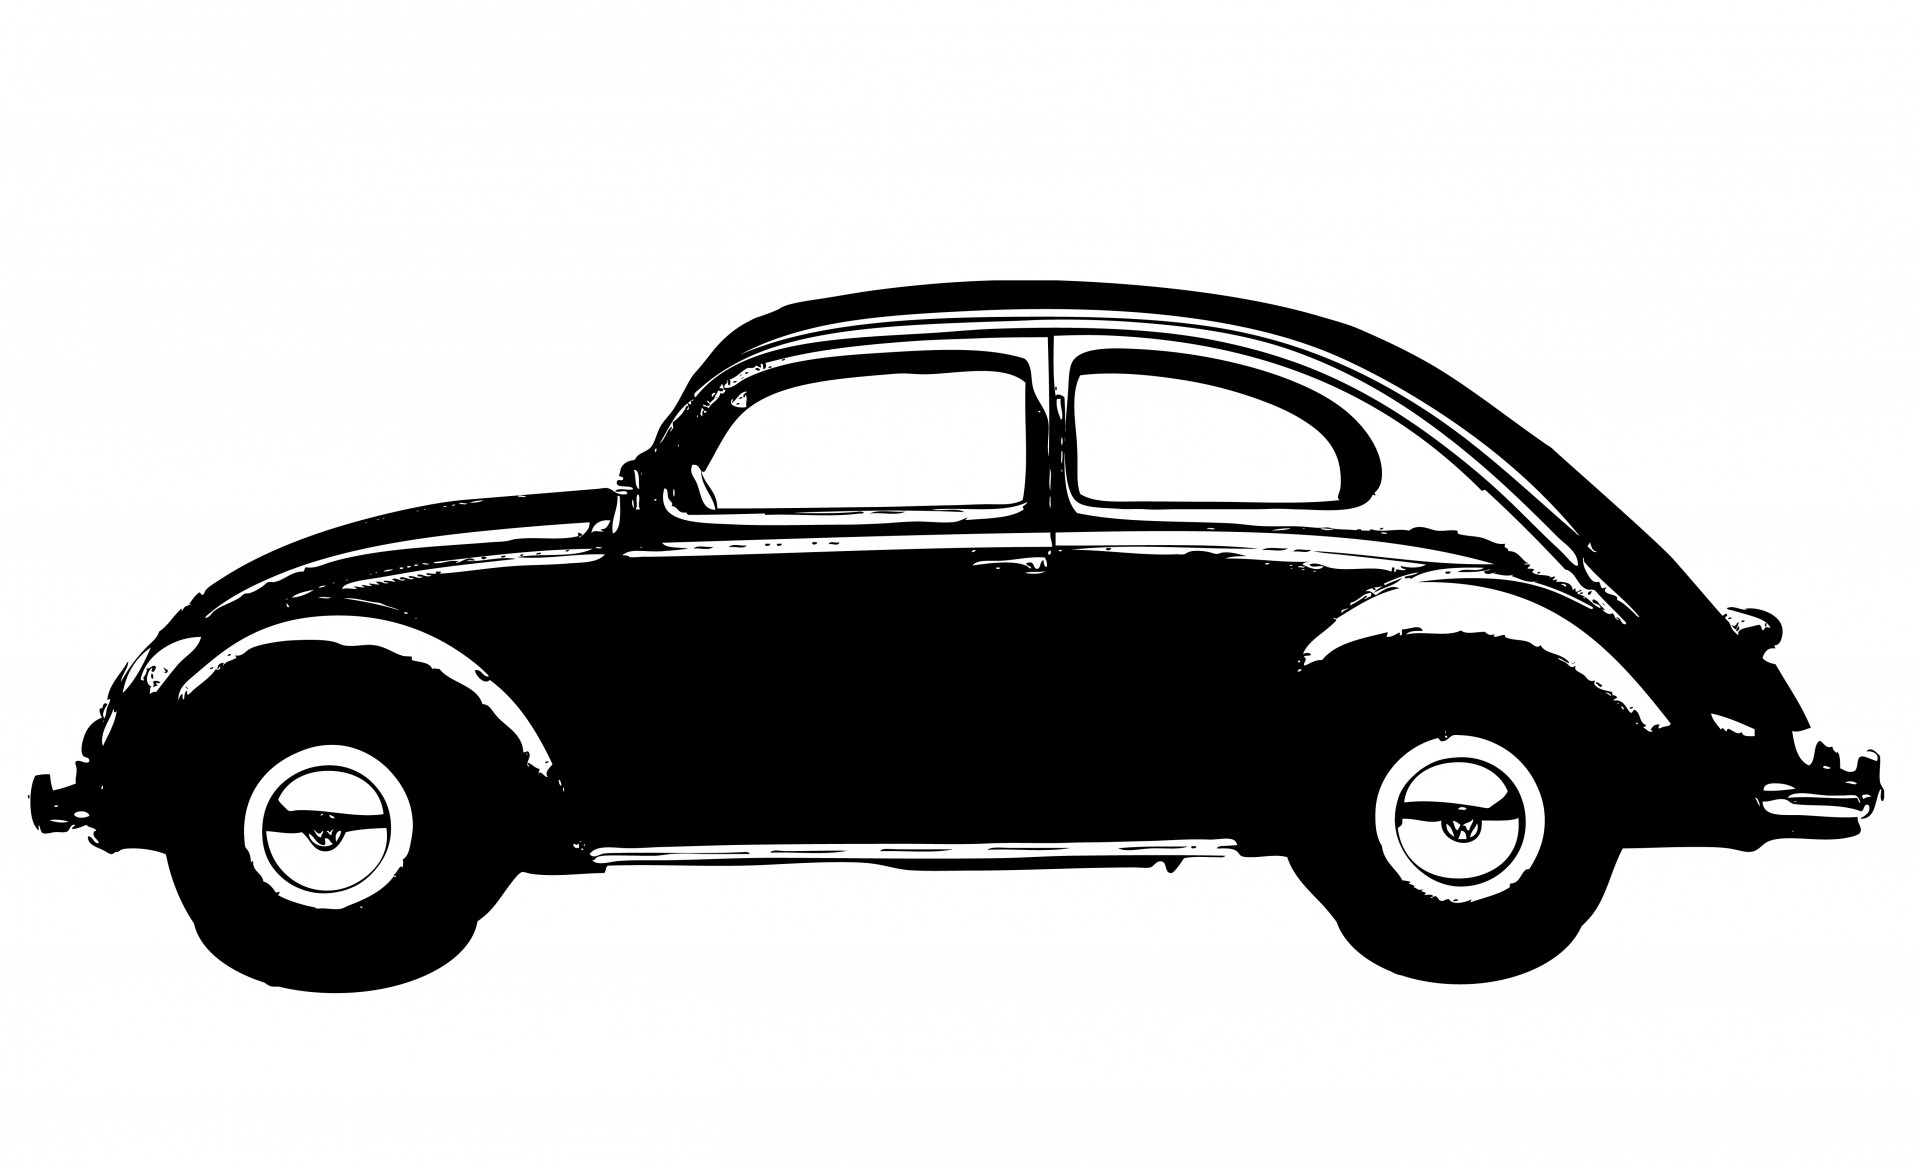 1920x1169 Vintage Car Clipart